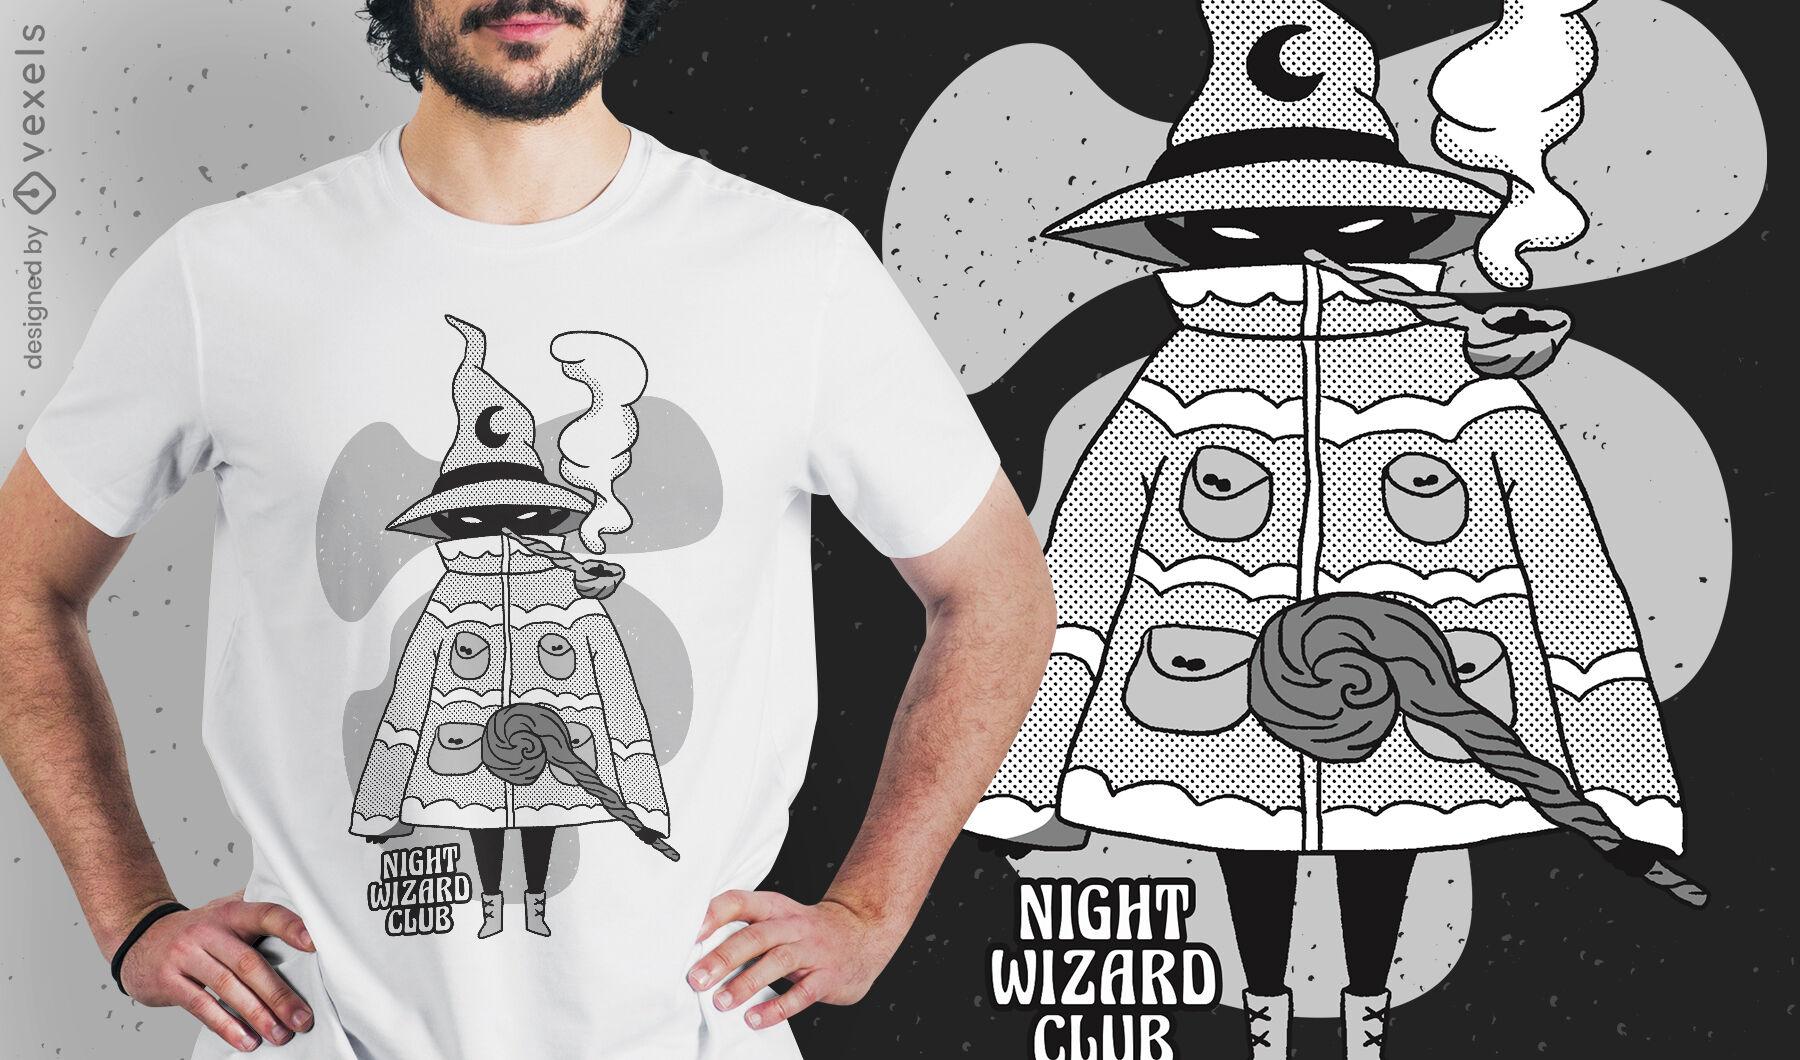 Diseño de camiseta de fantasía de mago de dibujos animados malvados